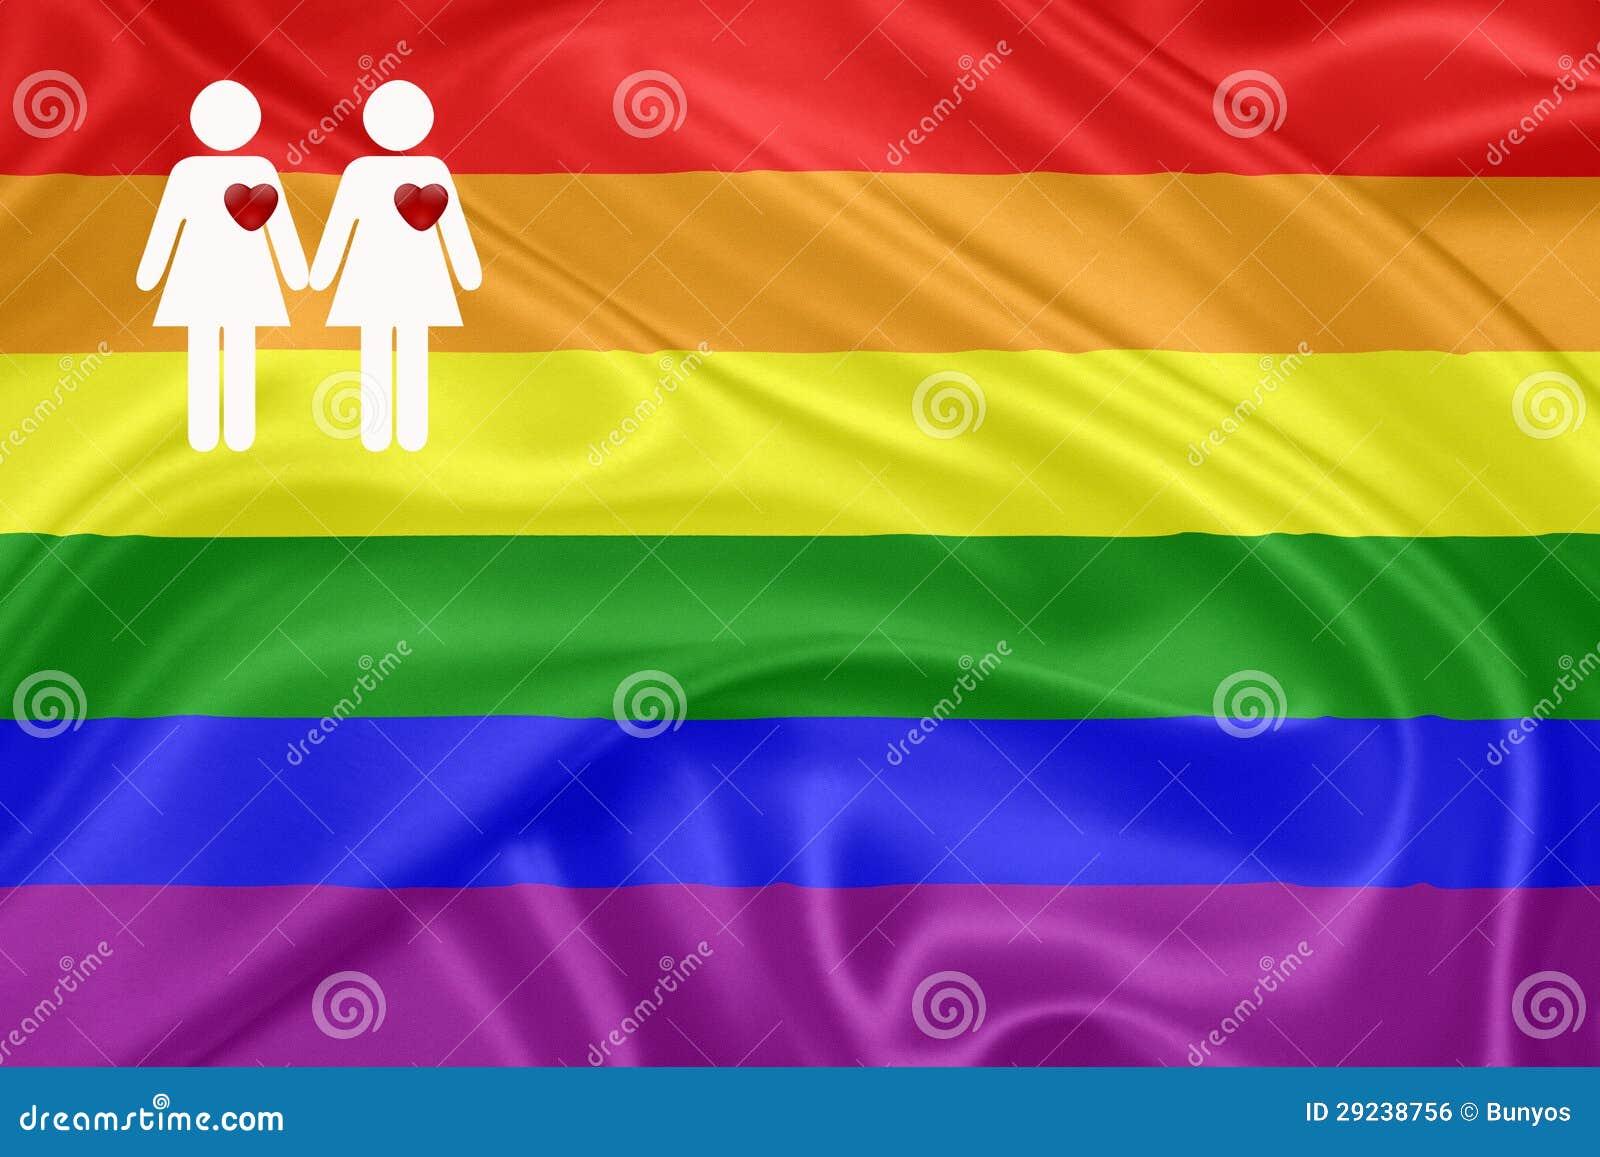 Download Bandeira Do Homossexual Do Arco-íris Ilustração Stock - Ilustração de projeto, liberdade: 29238756